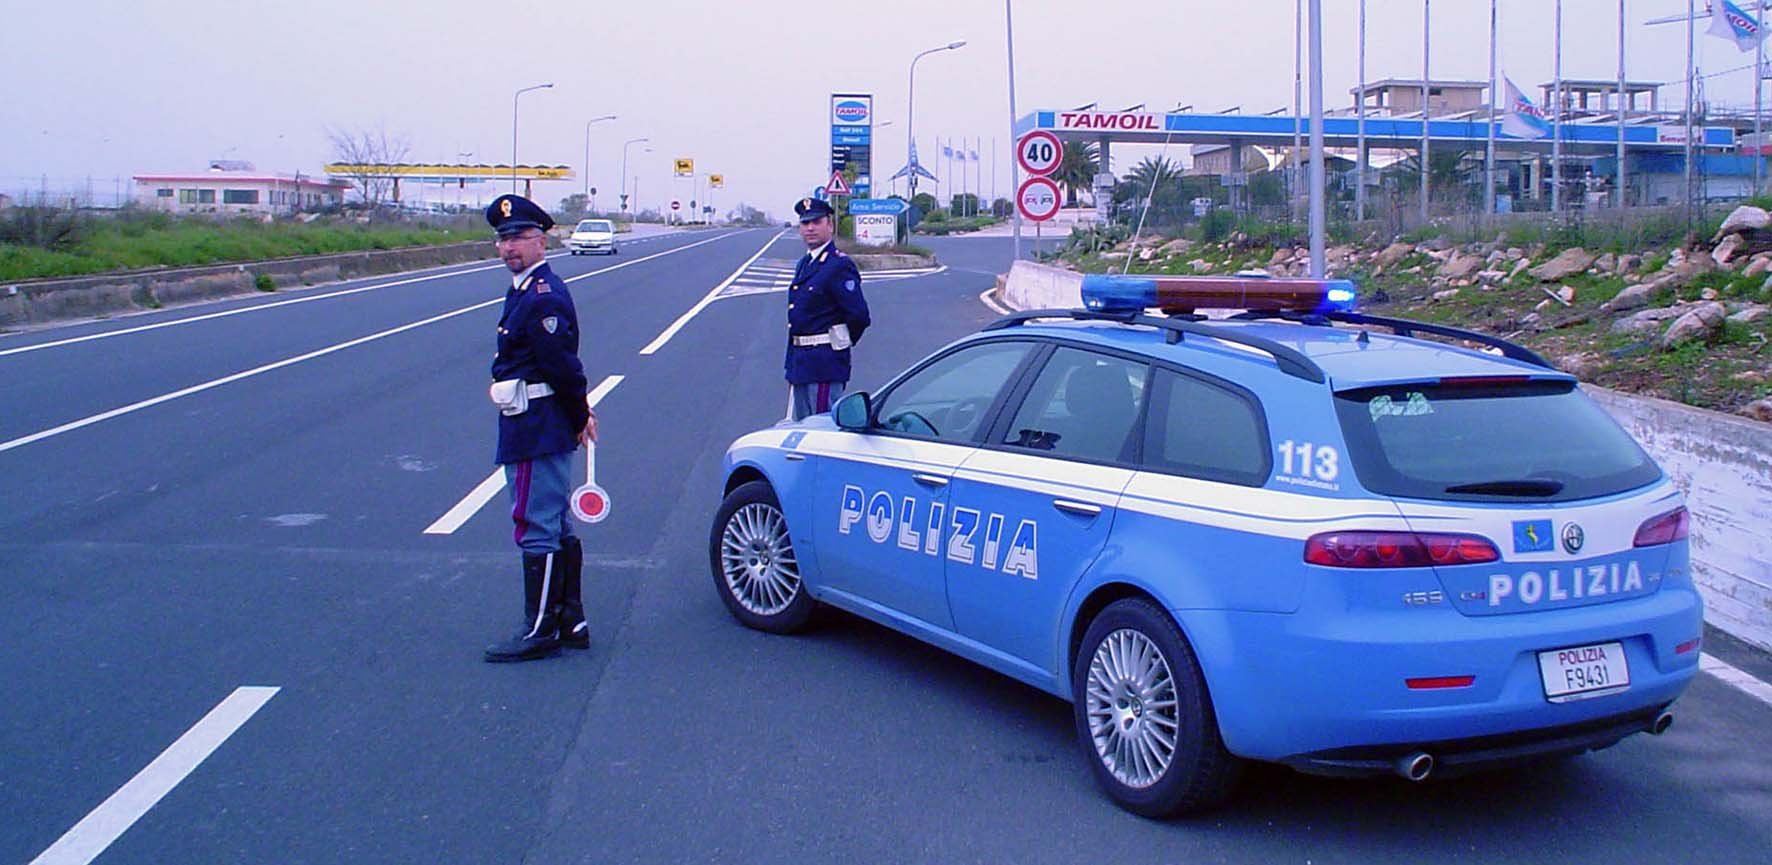 polizia stradale controllo 2